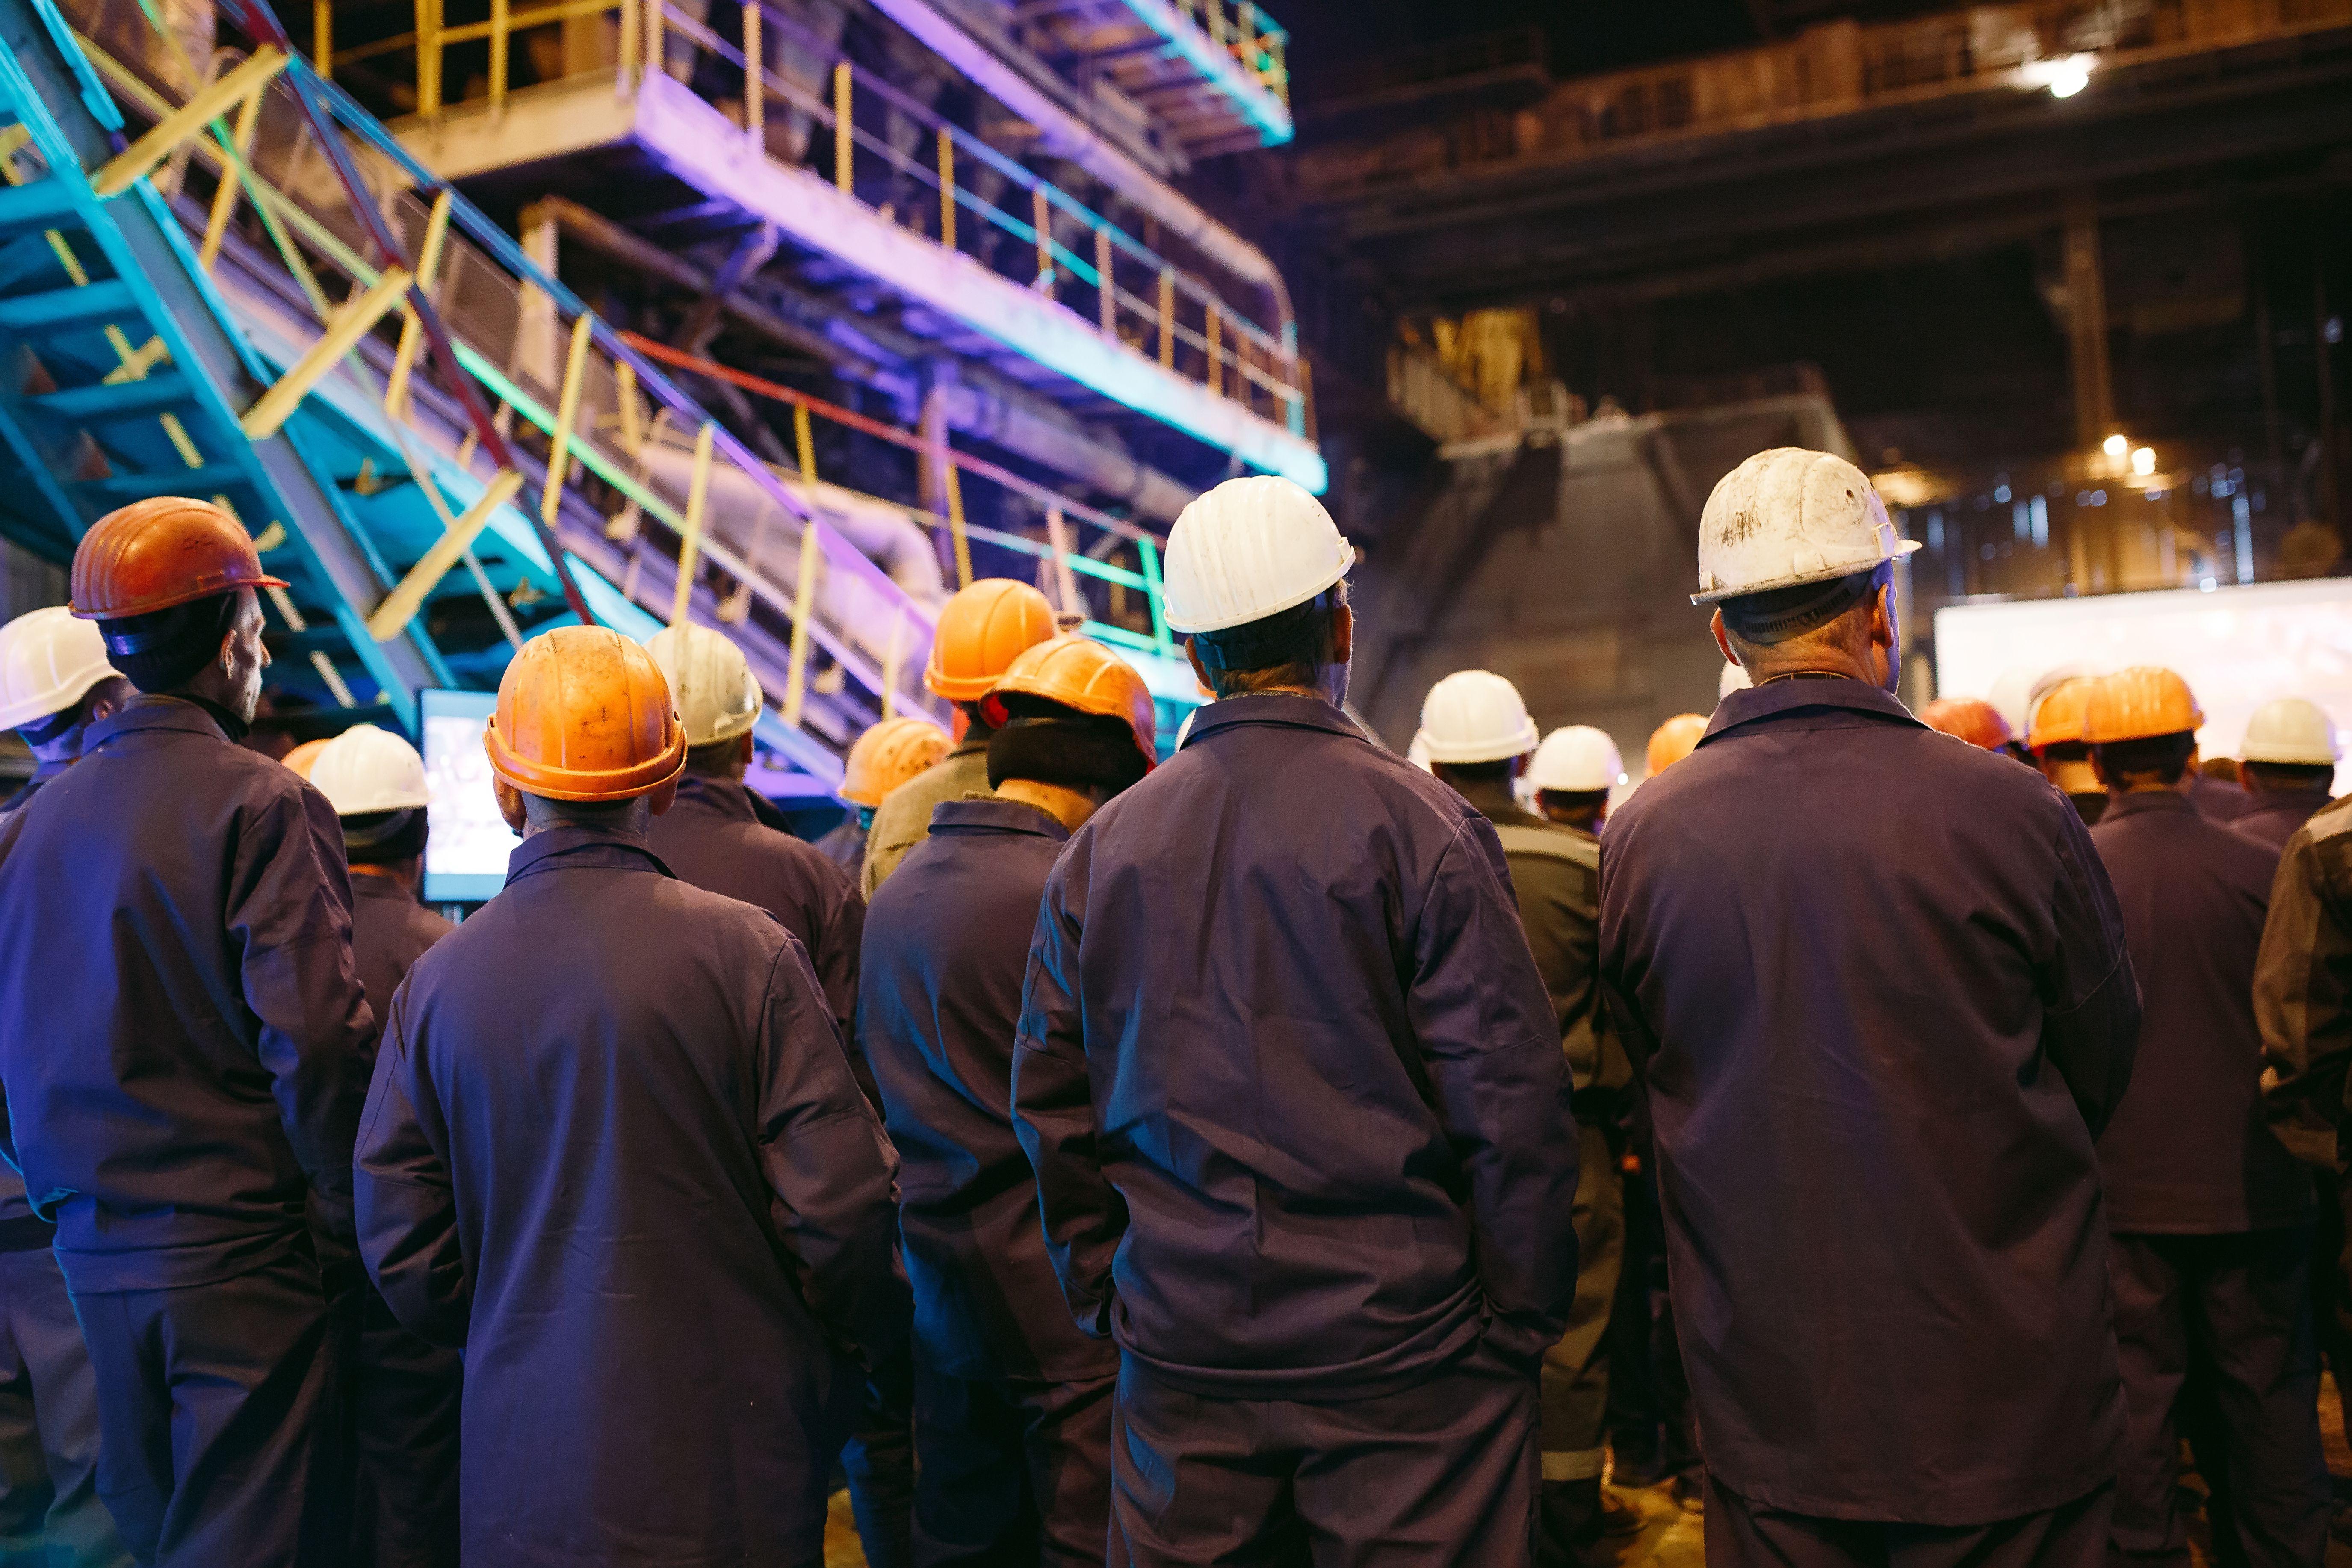 Pracownikom pracującym na nocnej zmianie należy wypłacić wynagrodzenie również za godzinę nieprzepracowaną z powodu przesunięcia czasu (fot. Shutterstock)